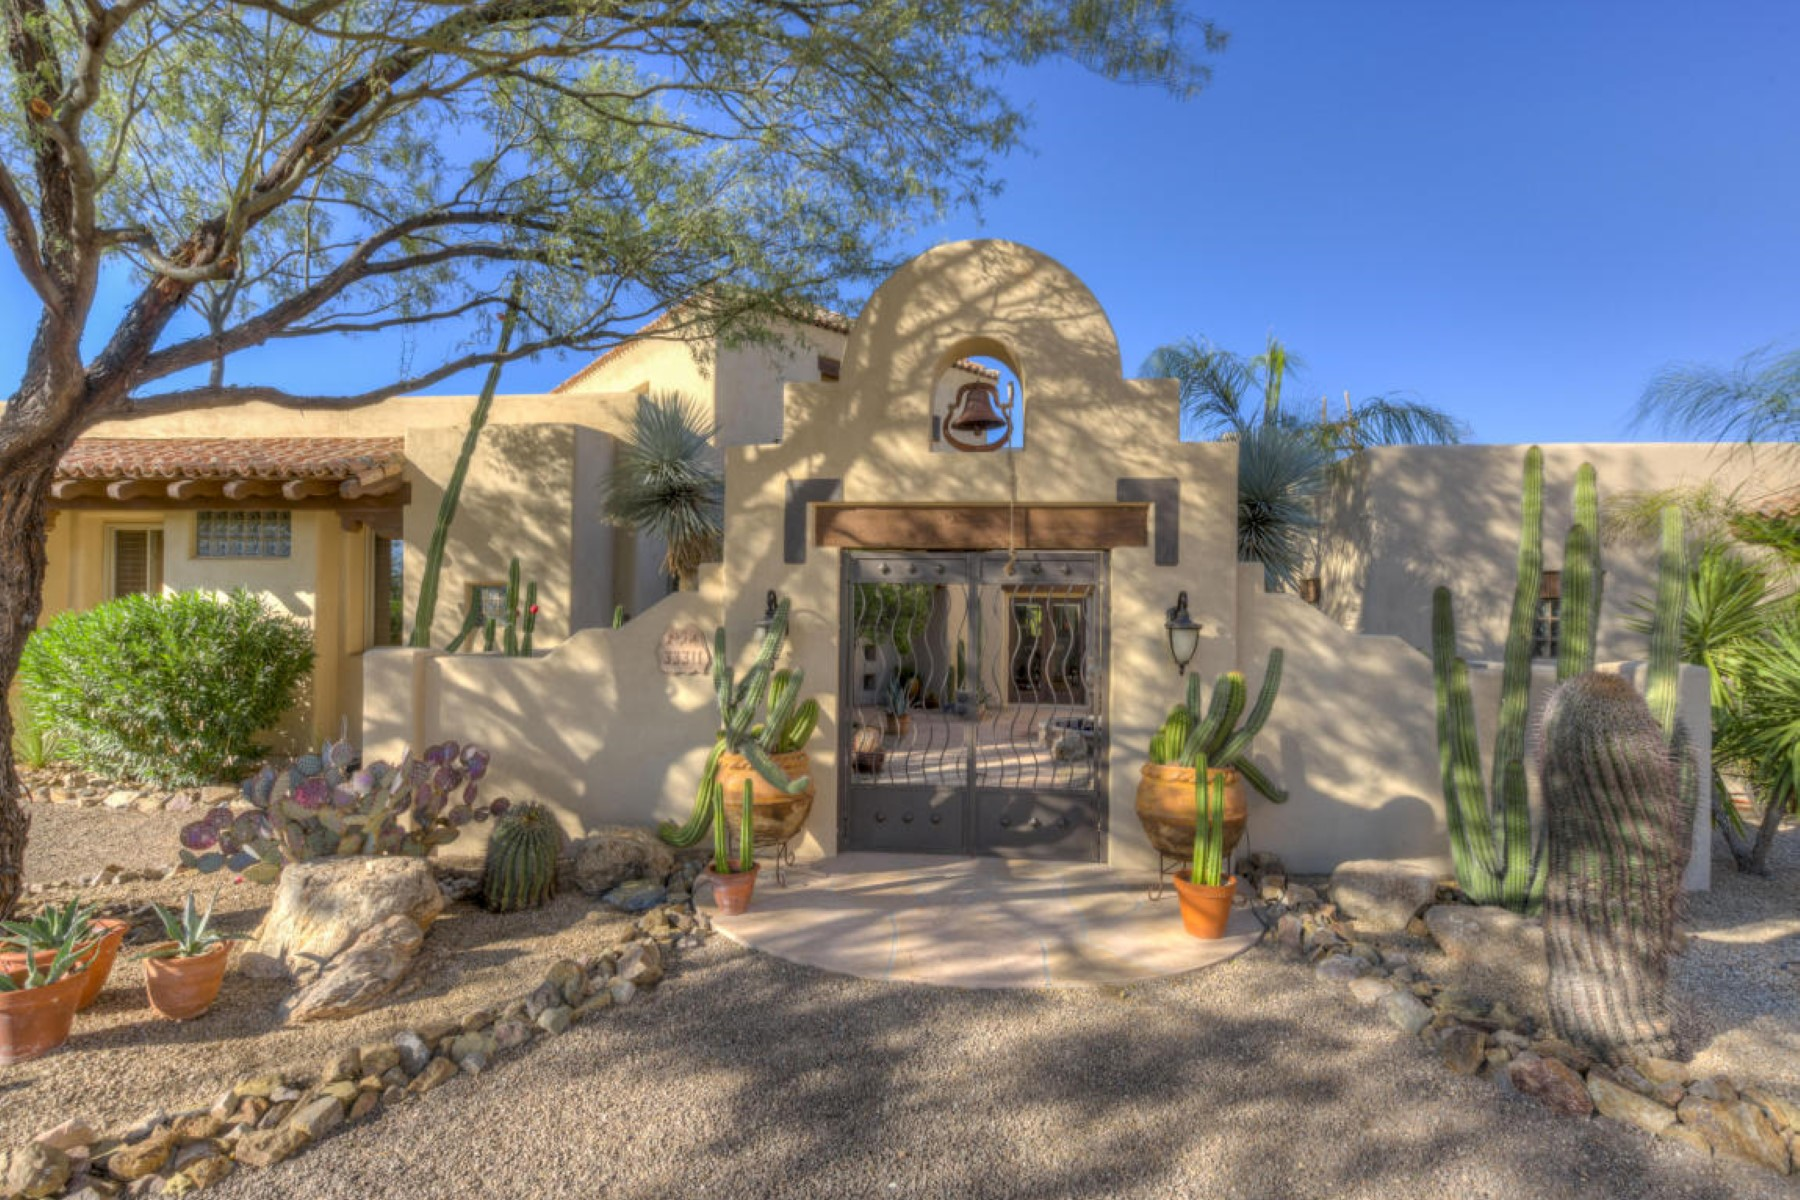 Частный односемейный дом для того Продажа на Hacienda style home in Cave Creek 33311 N 62nd St Cave Creek, Аризона, 85331 Соединенные Штаты